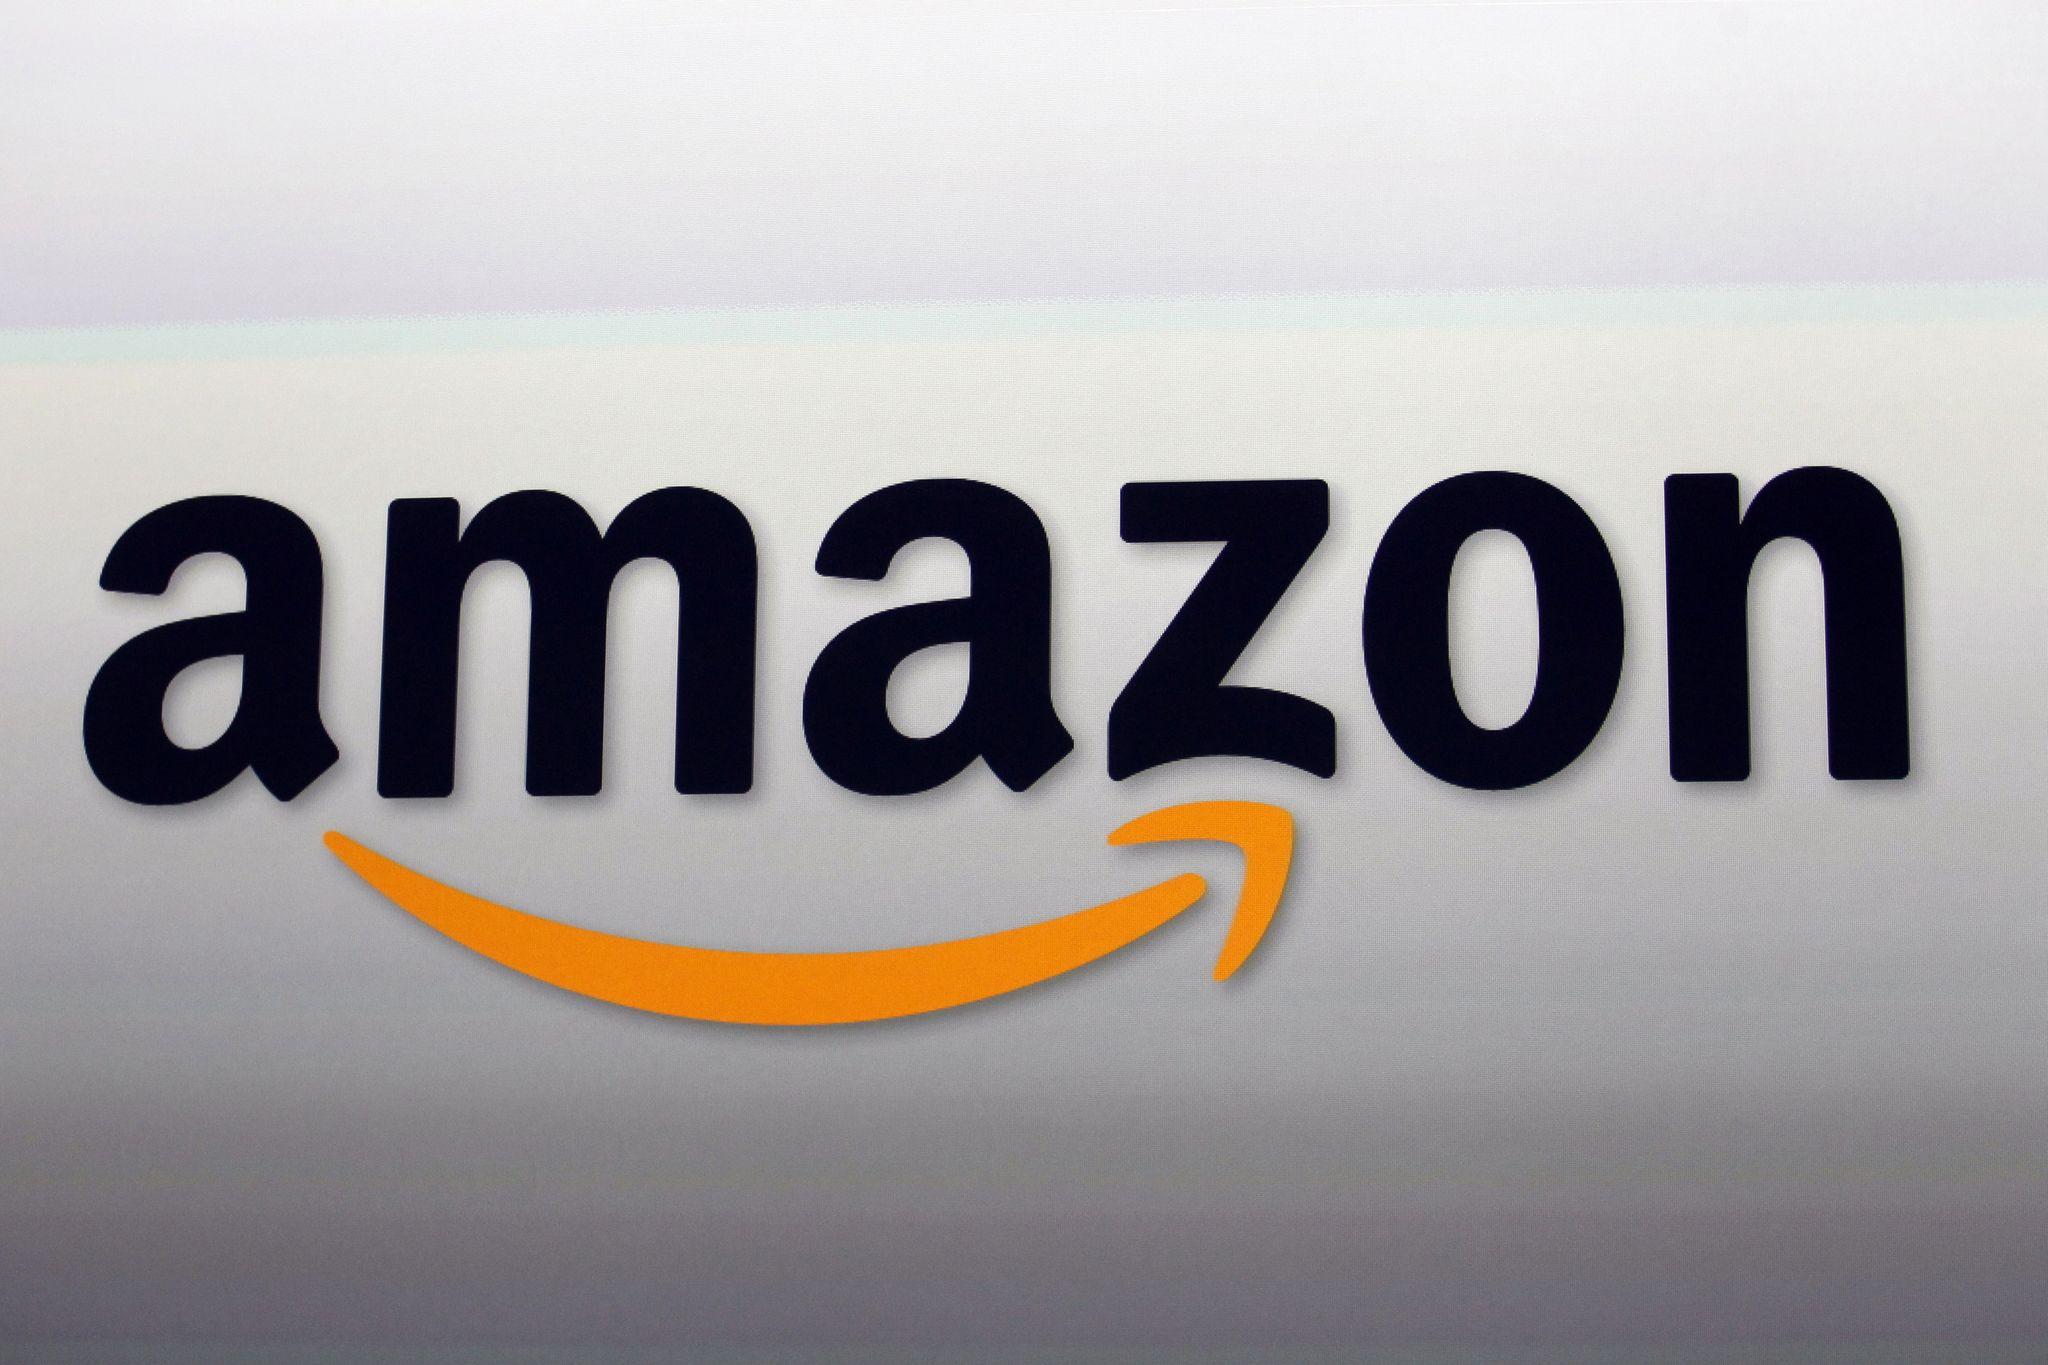 아마존, 직원들에게 틱톡 삭제 명령했다가 실수였다 번복